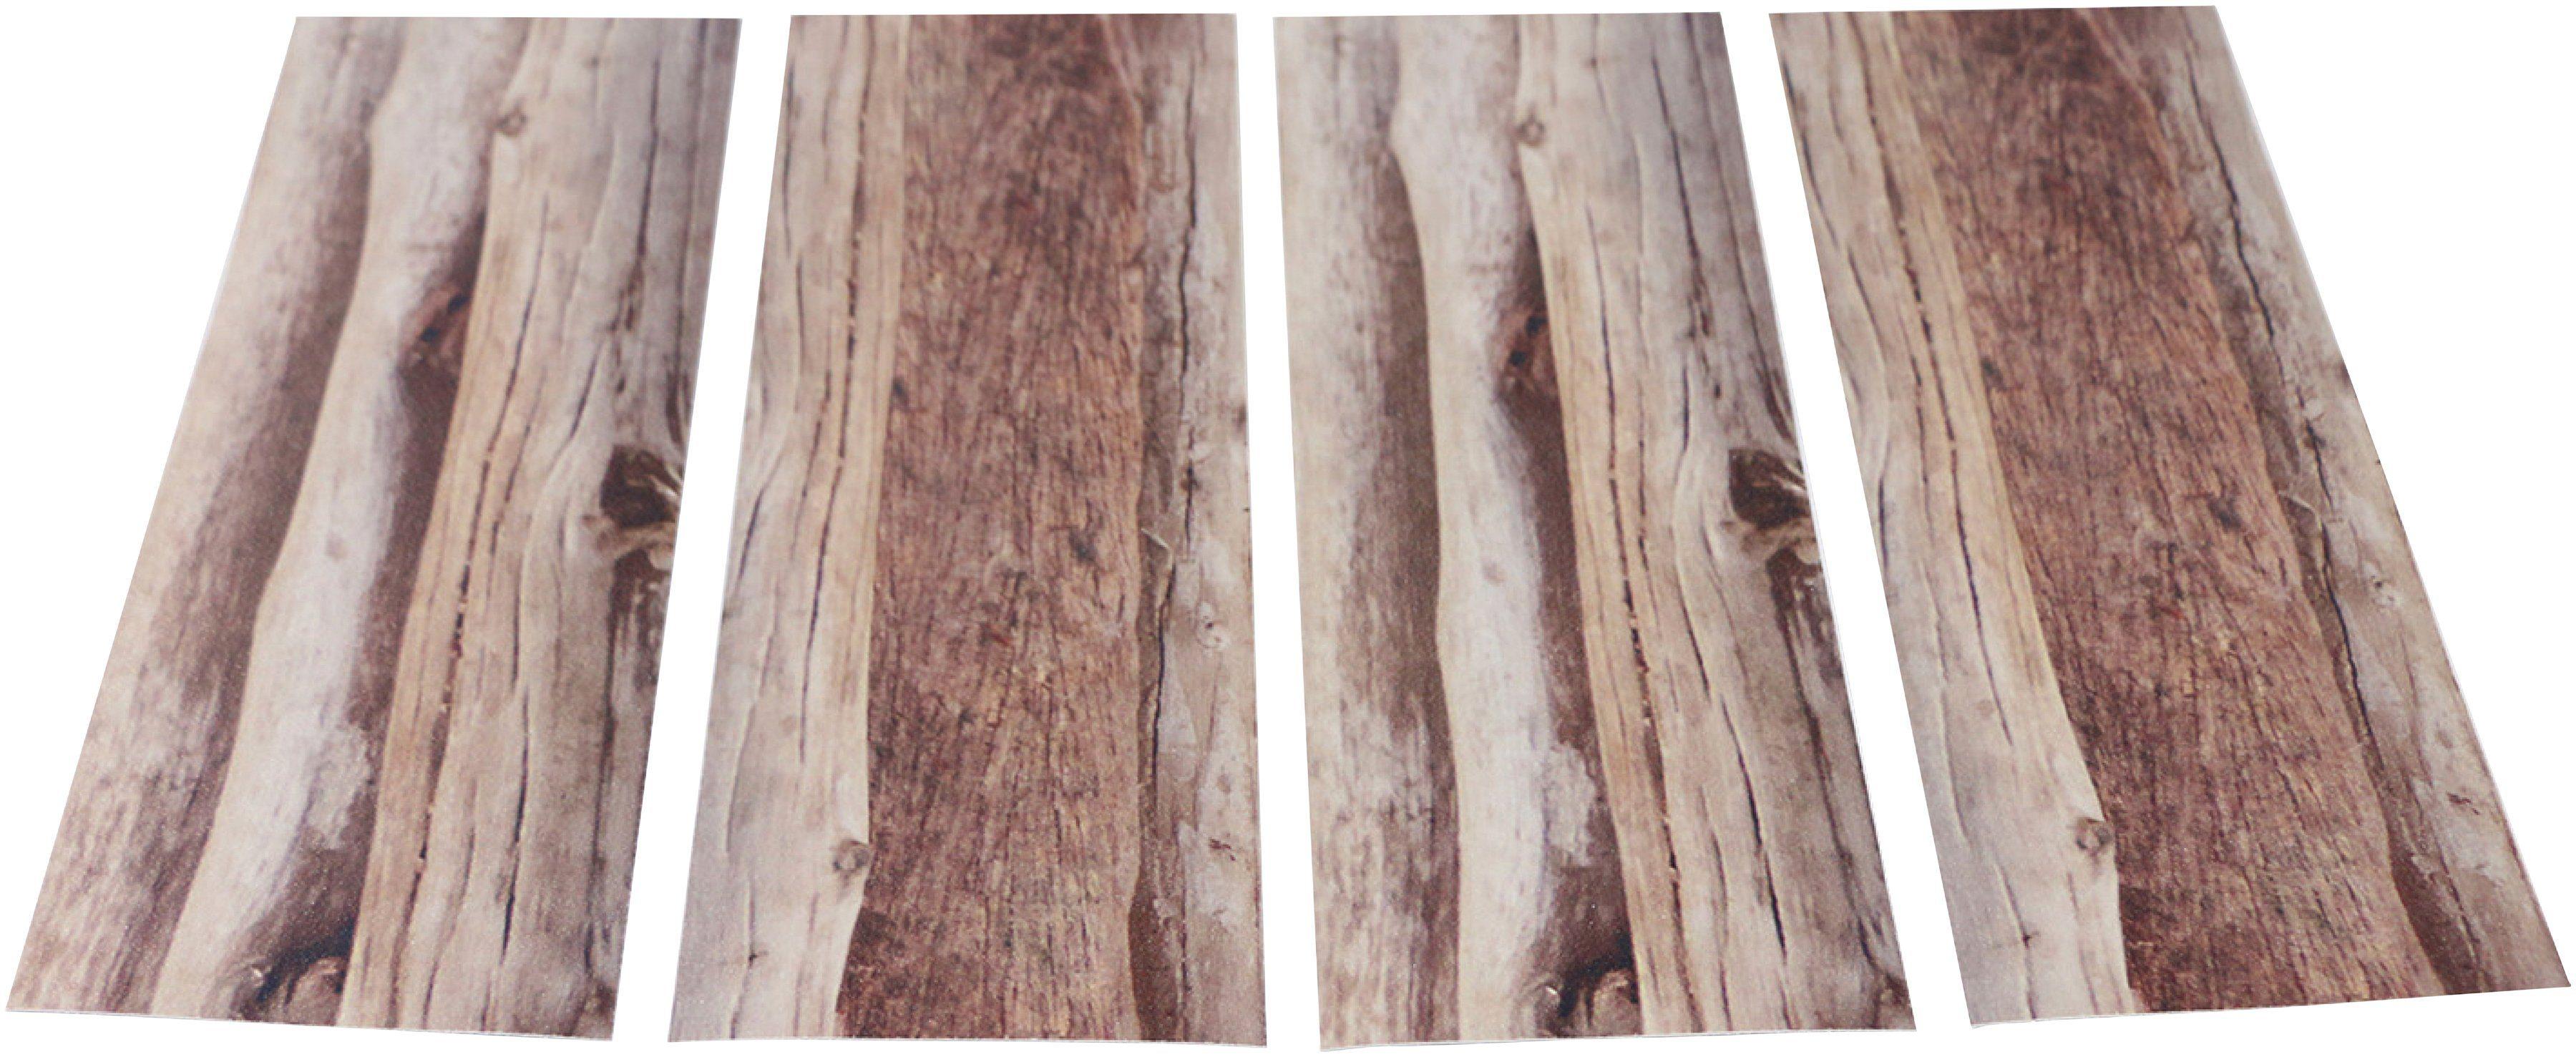 MYSPOTTI Duscheinlage »Klebefliese stepon Dschungelbrücke«, Set 4-teilig, Antirutsch-Aufkleber